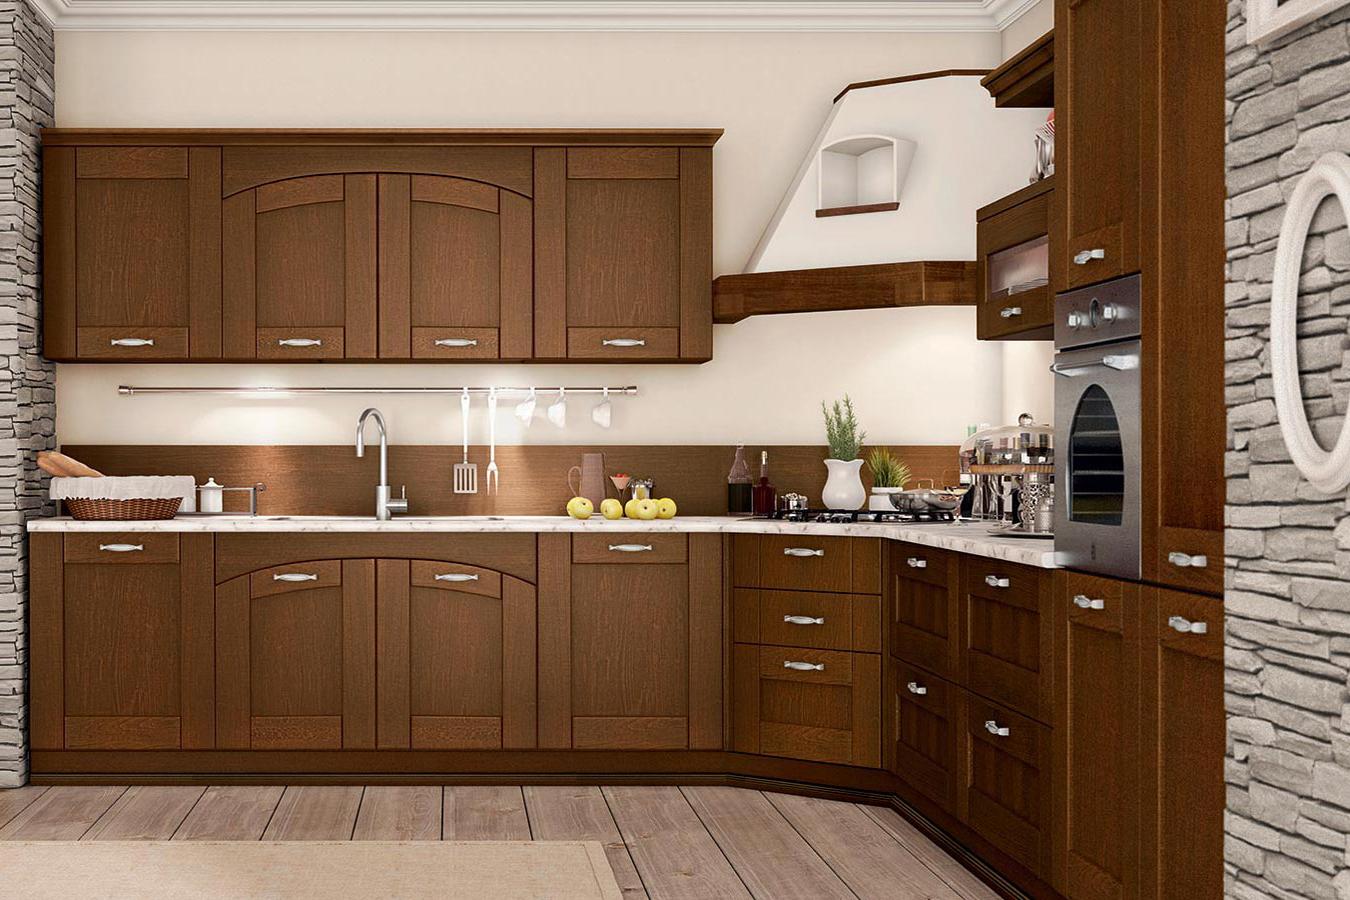 Cucina classica agnese di arredo 3 righetti mobili novara - Immagini di cucine classiche ...